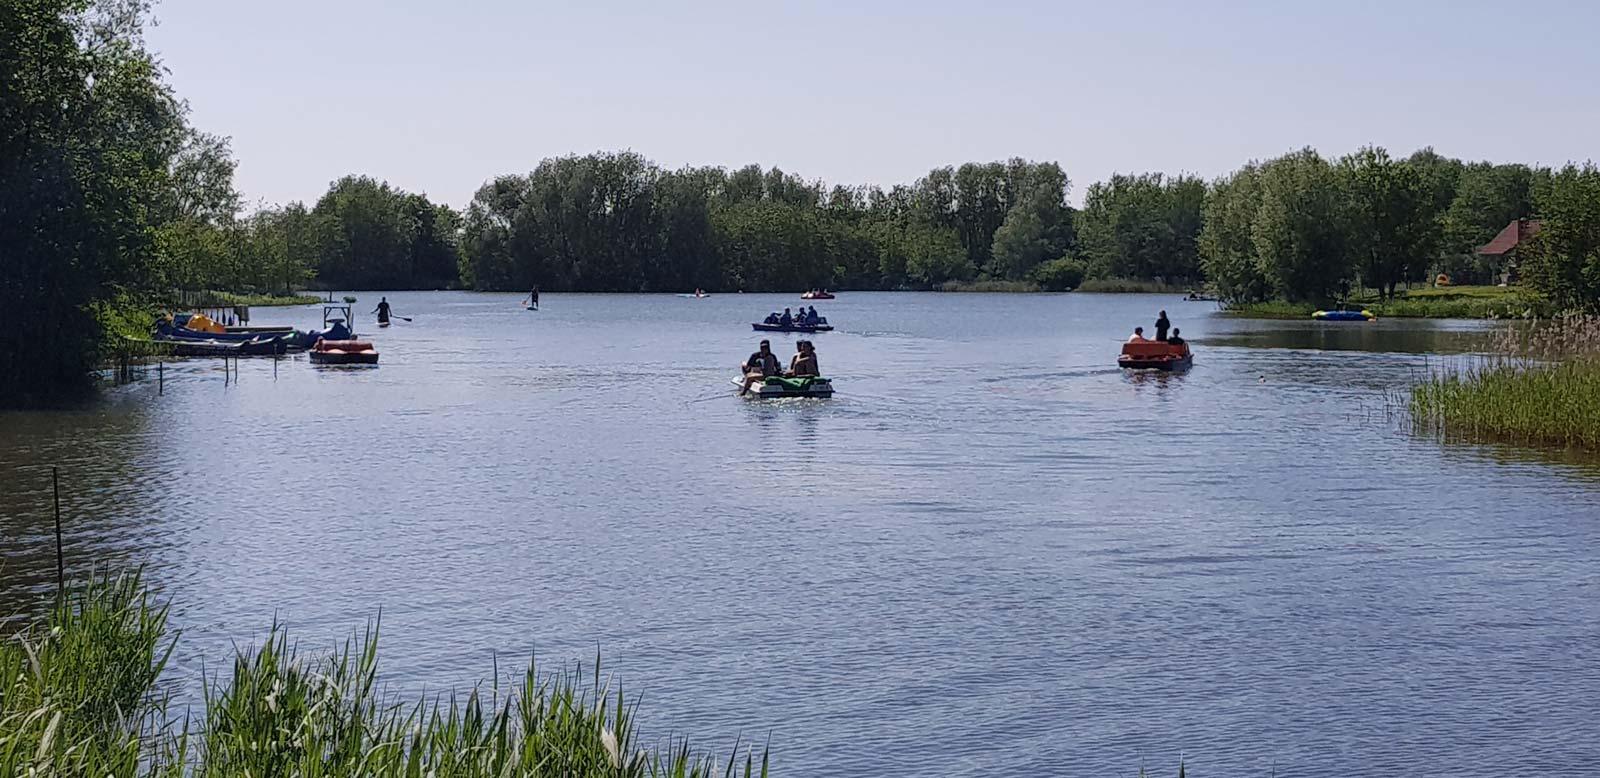 Südsee Wassersport im Feriengebiet Otterndorf